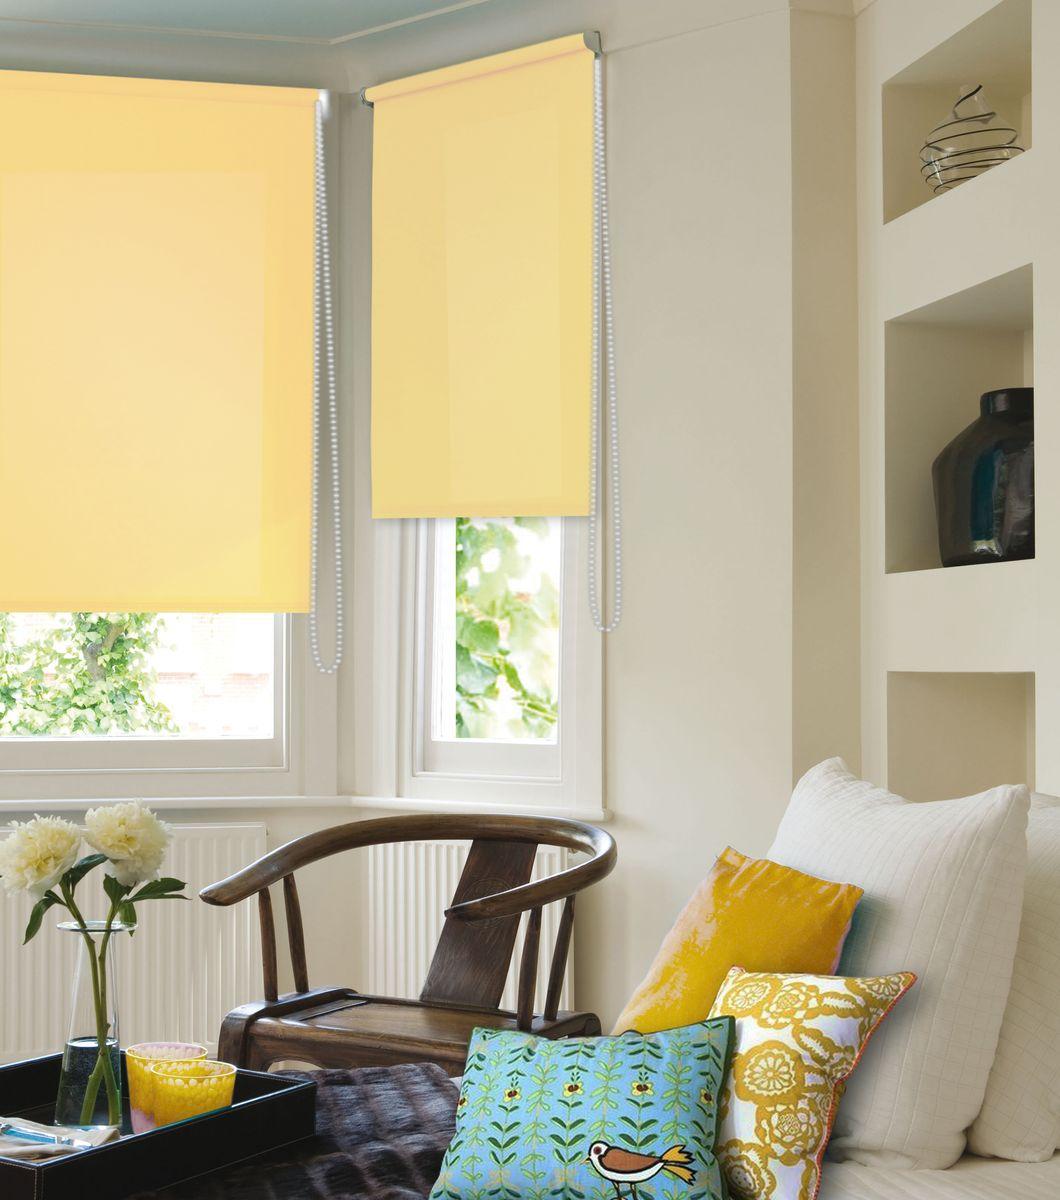 Штора рулонная Эскар Ролло, цвет: желтый, ширина 130 см, высота 170 см81103130170Рулонная штора Эскар Миниролло выполнена из высокопрочной ткани, которая сохраняет свой размер даже при намокании. Ткань не выцветает и обладает отличной цветоустойчивостью.Миниролло - это подвид рулонных штор, который закрывает не весь оконный проем, а непосредственно само стекло. Такие шторы крепятся на раму без сверления при помощи зажимов или клейкой двухсторонней ленты (в комплекте). Окно остается на гарантии, благодаря монтажу без сверления. Такая штора станет прекрасным элементом декора окна и гармонично впишется в интерьер любого помещения.